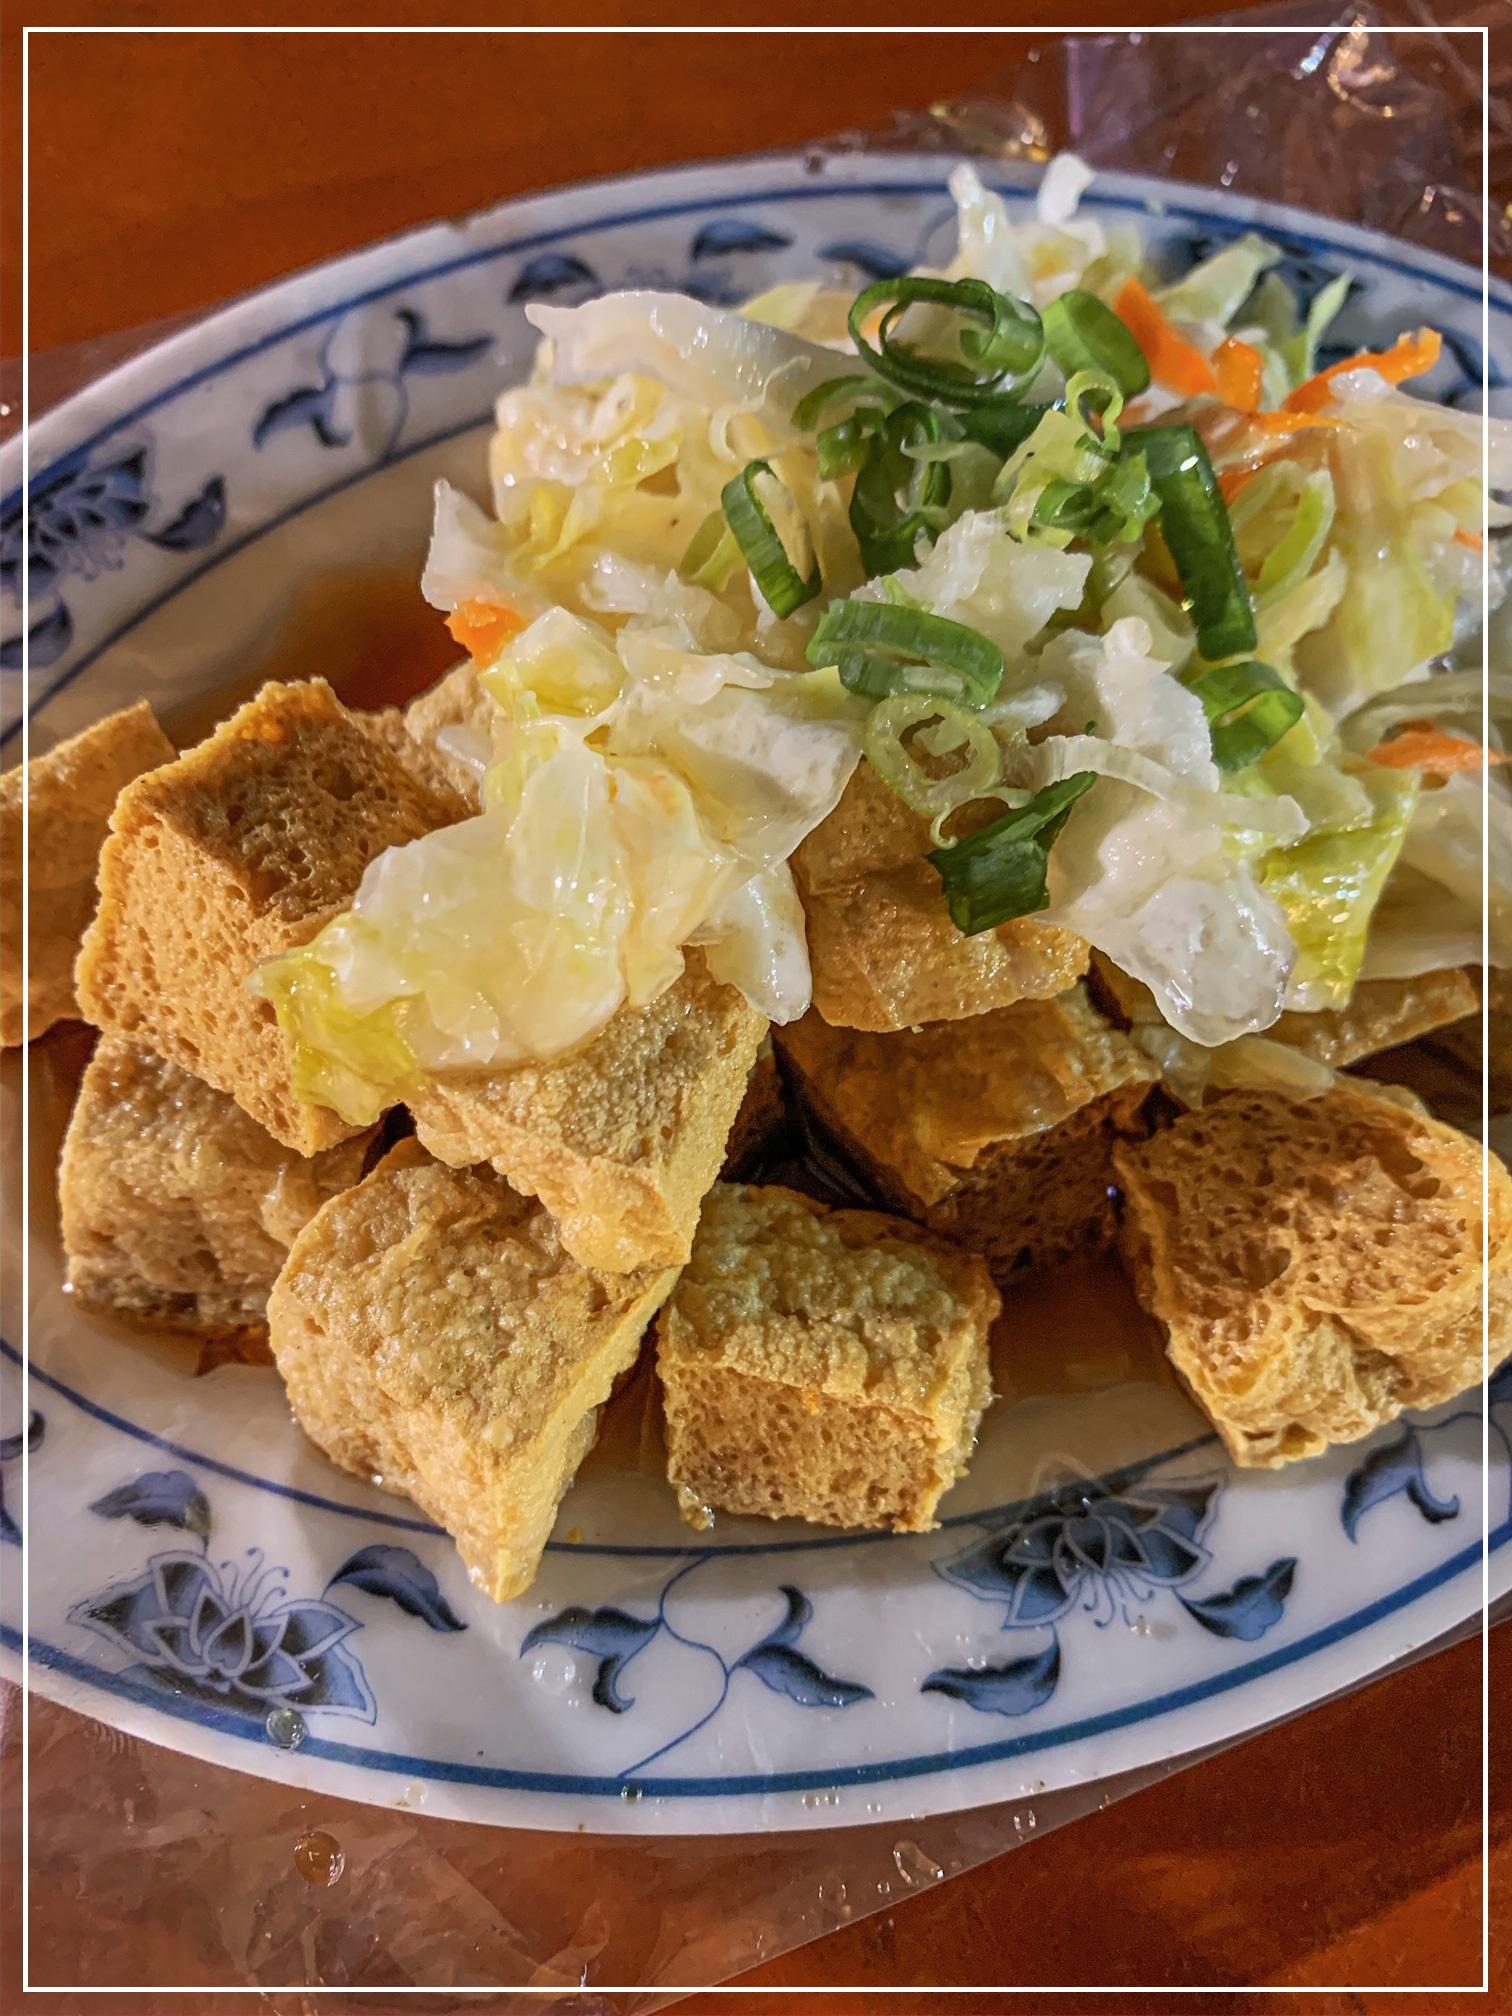 stinky tofu taiwan tainanjpg